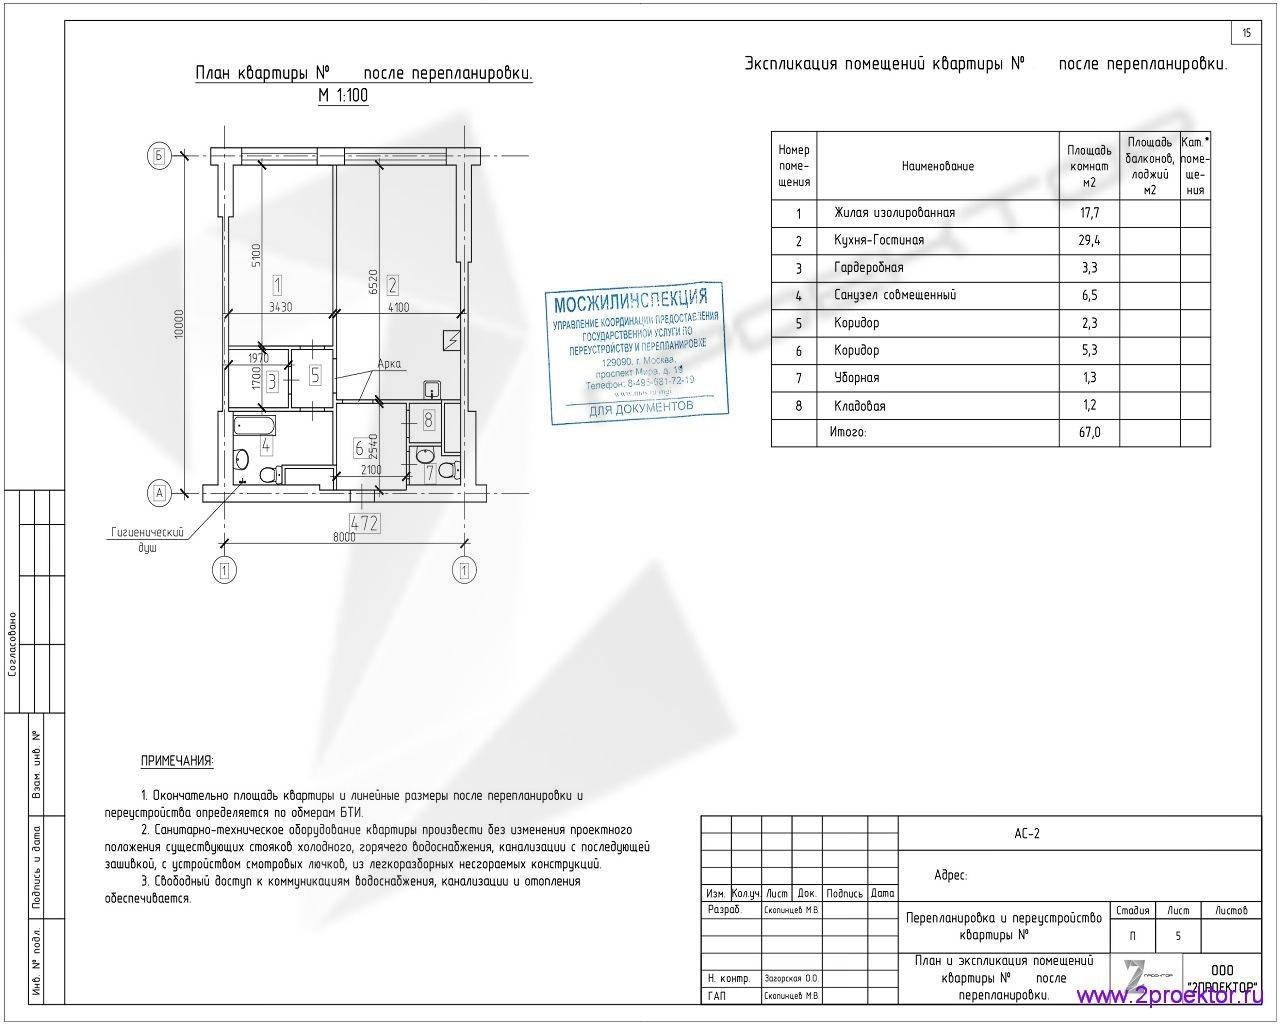 Вариант планировки квартиры в Жилом комплексе Аэробус разработанный специалистами ООО «2Проектор» и согласованный Мосжилинспекцией